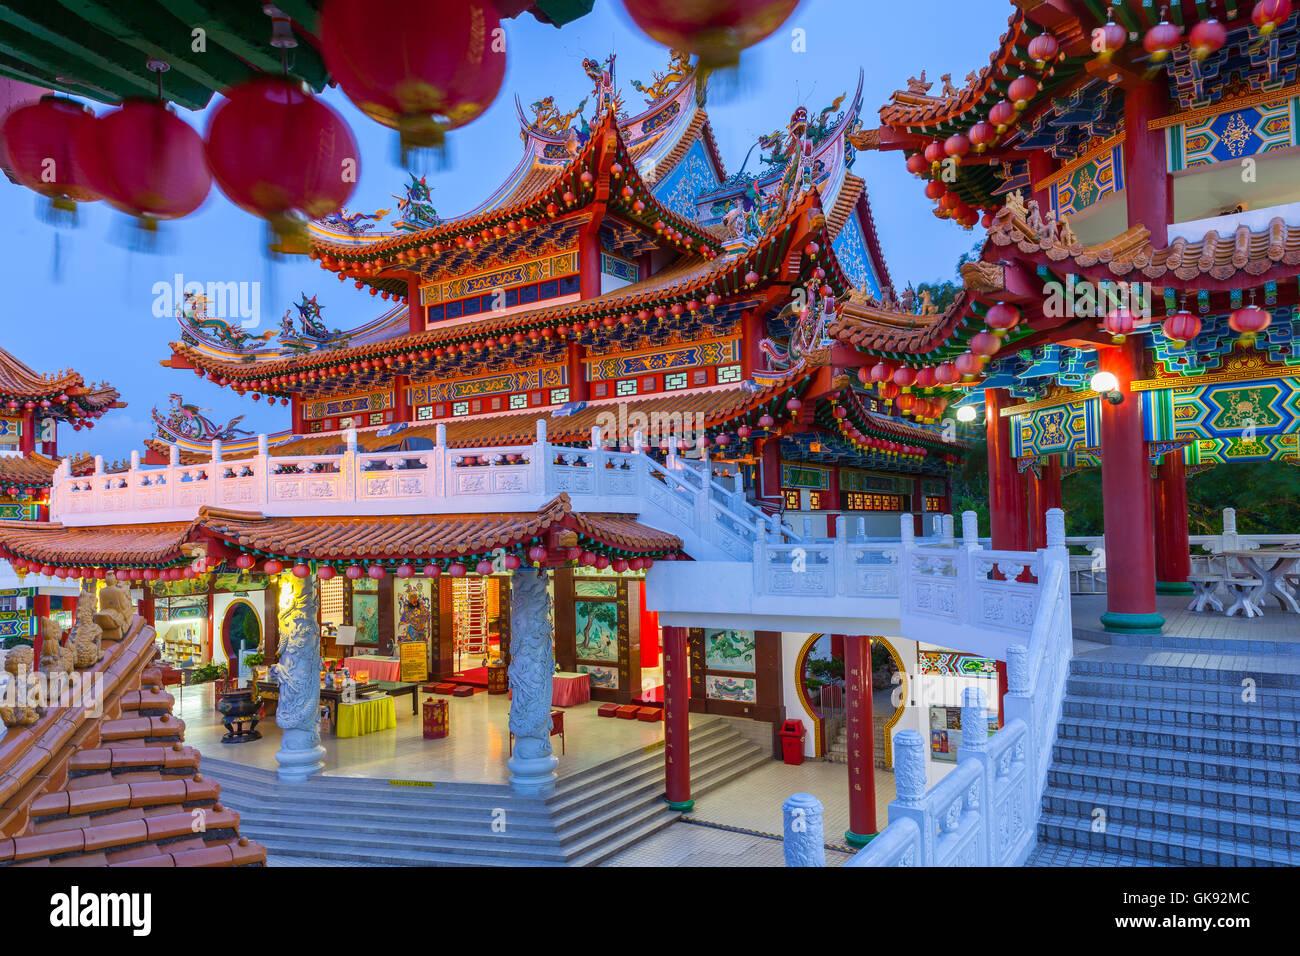 Thean Hou Temple bouddhiste au crépuscule, Kuala Lumpur, Malaisie Photo Stock